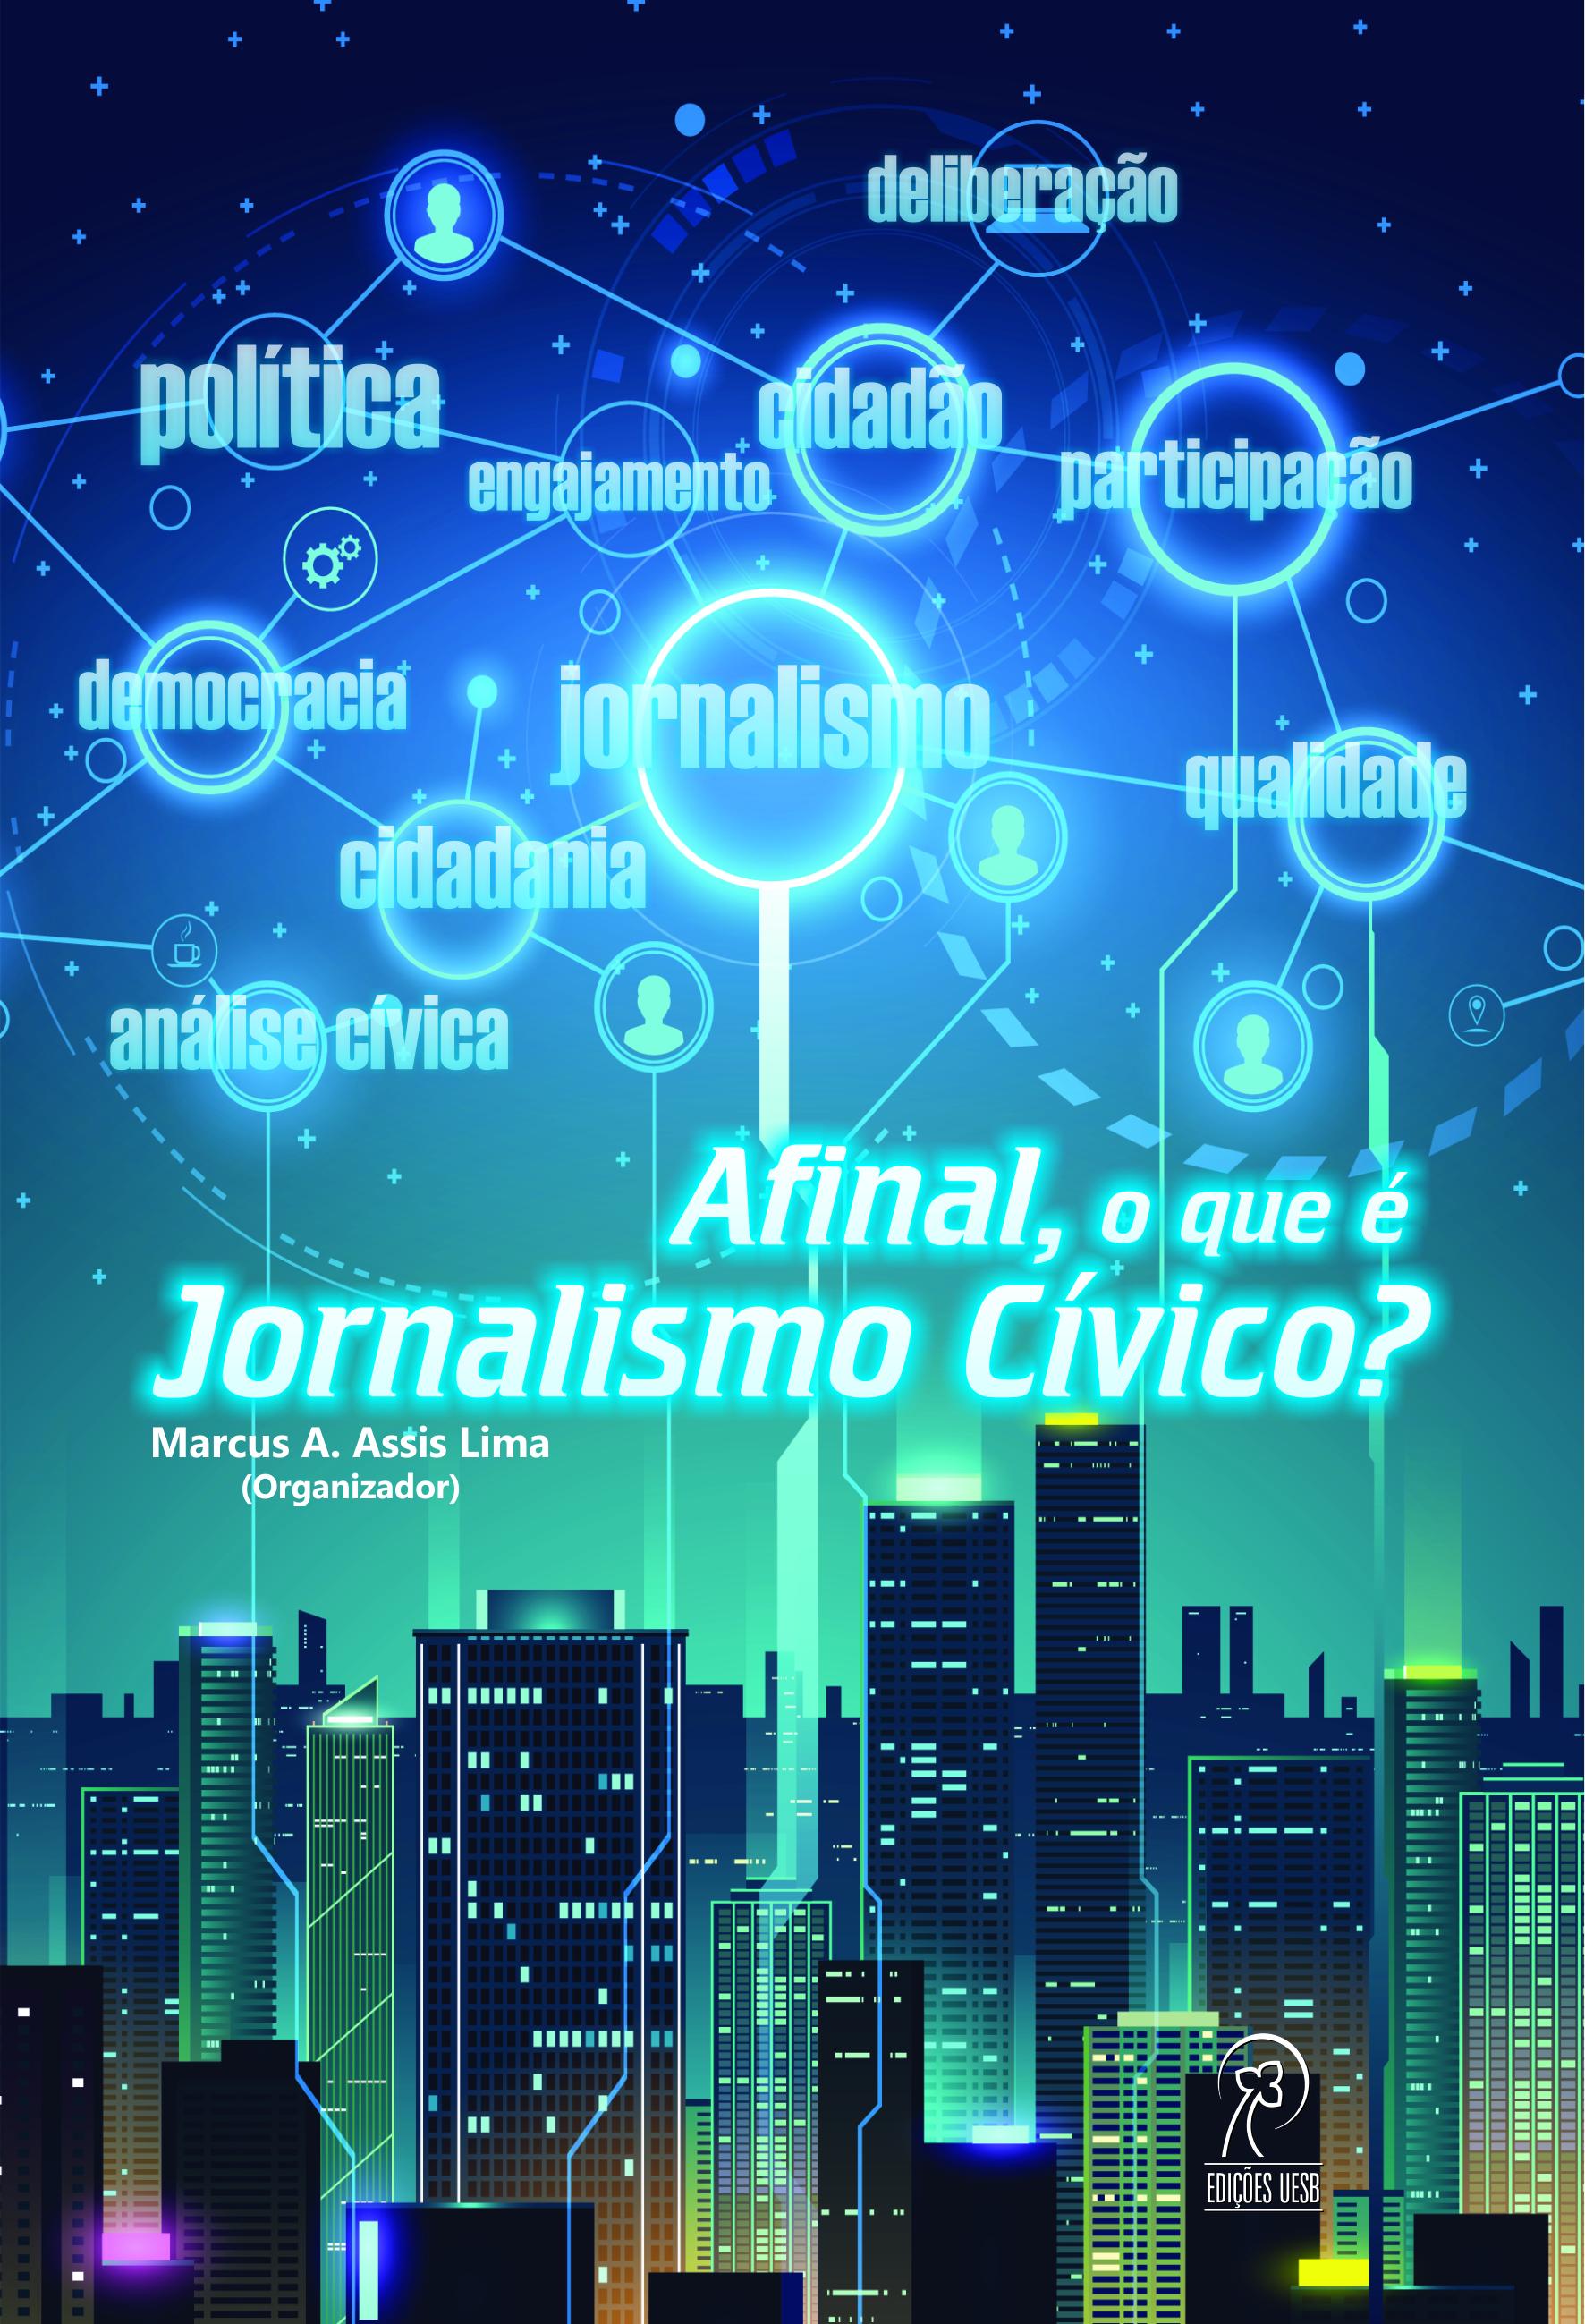 Afinal, o que é Jornalismo Cívico?